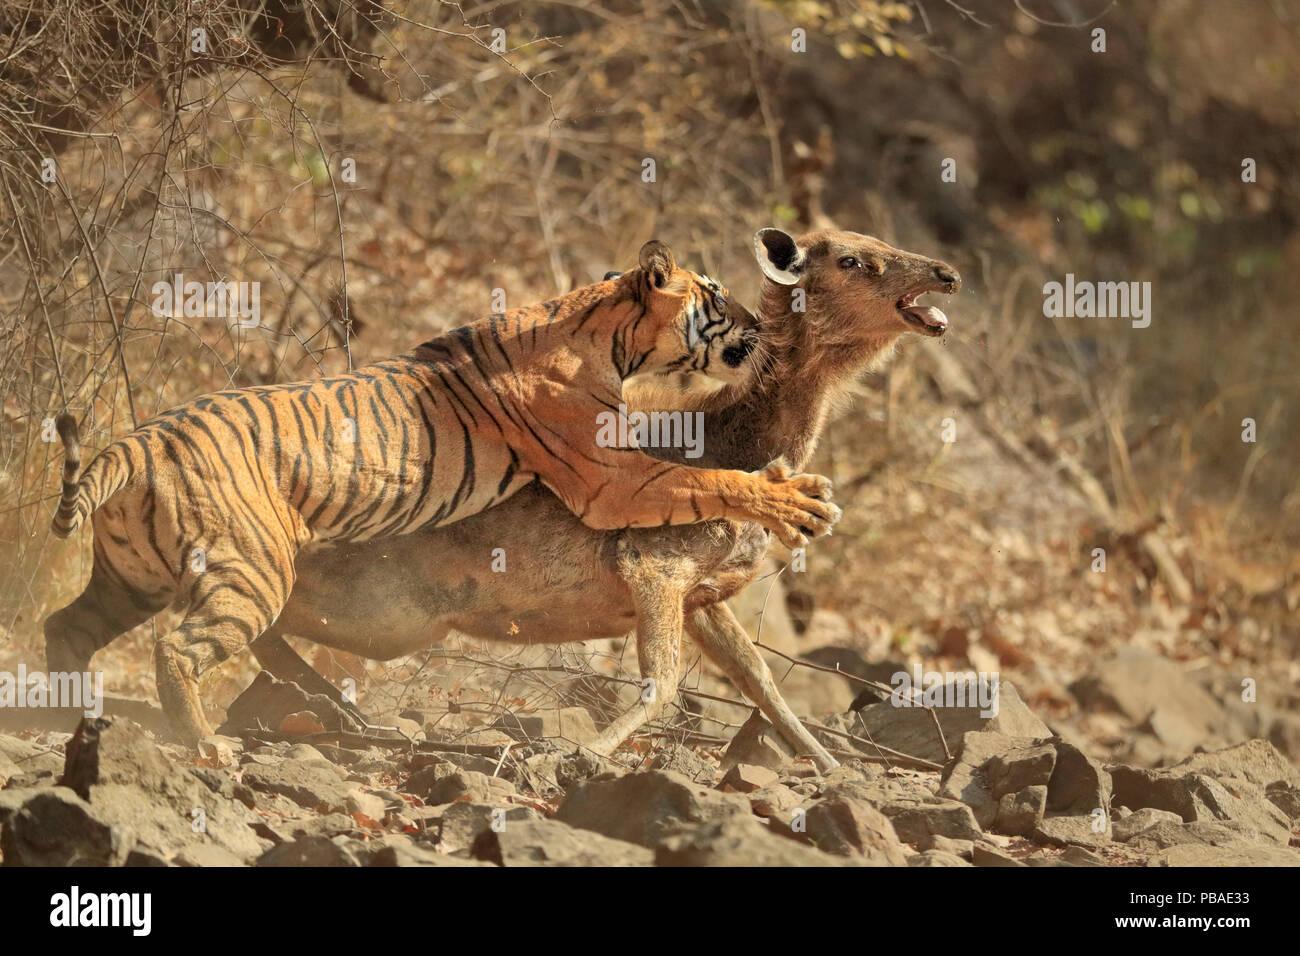 """Tigre de Bengala (Panthera tigris tigris) hembra """"Noor T19' bajar ciervos Sambar (Rusa unicolor) Ranthambhore, India. Secuencia 6 de 18. Imagen De Stock"""